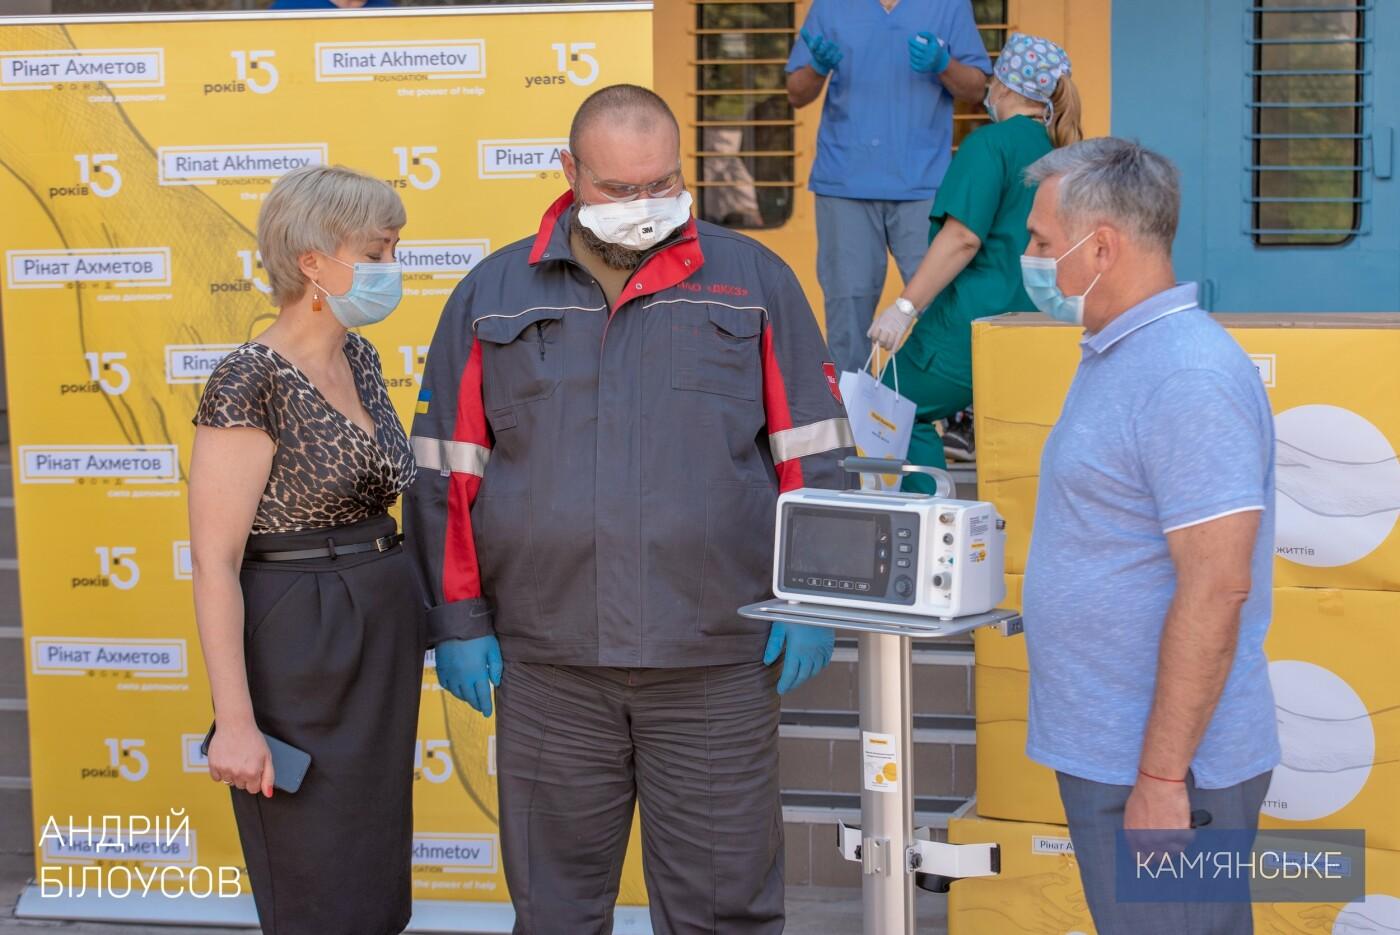 Кам'янська міська лікарня №7 отримала 6 апаратів ШВЛ, фото-3